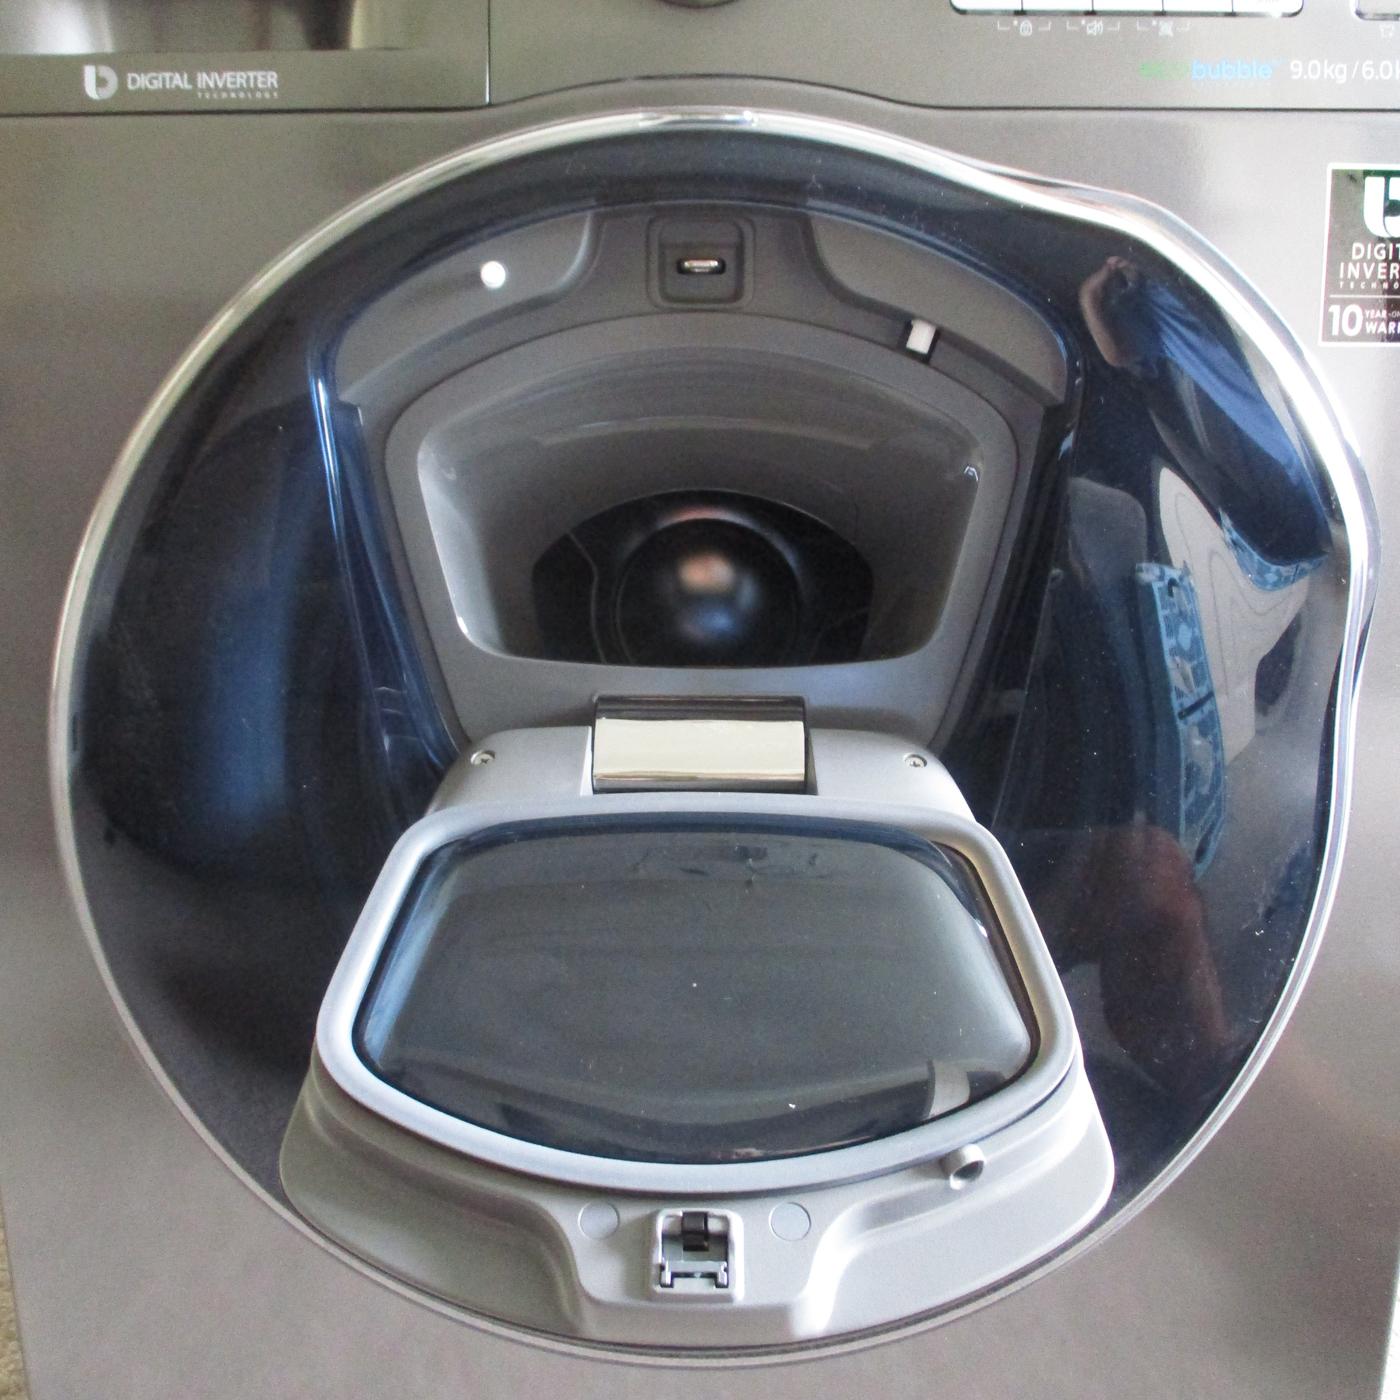 Samsung AddWash Washer Dryer